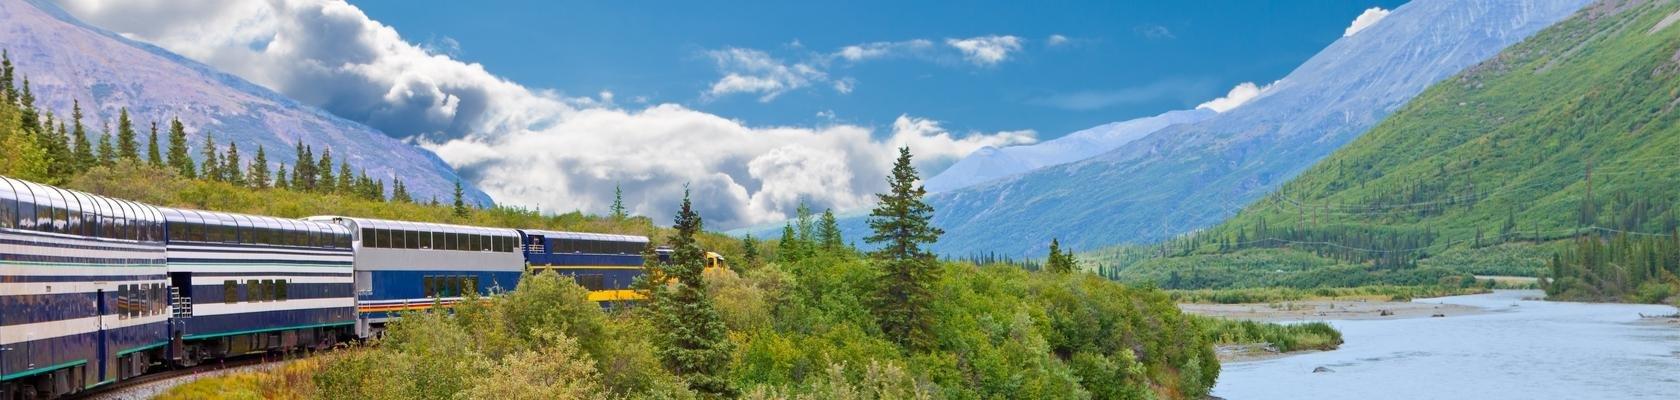 Trein van Denali NP naar Anchorage